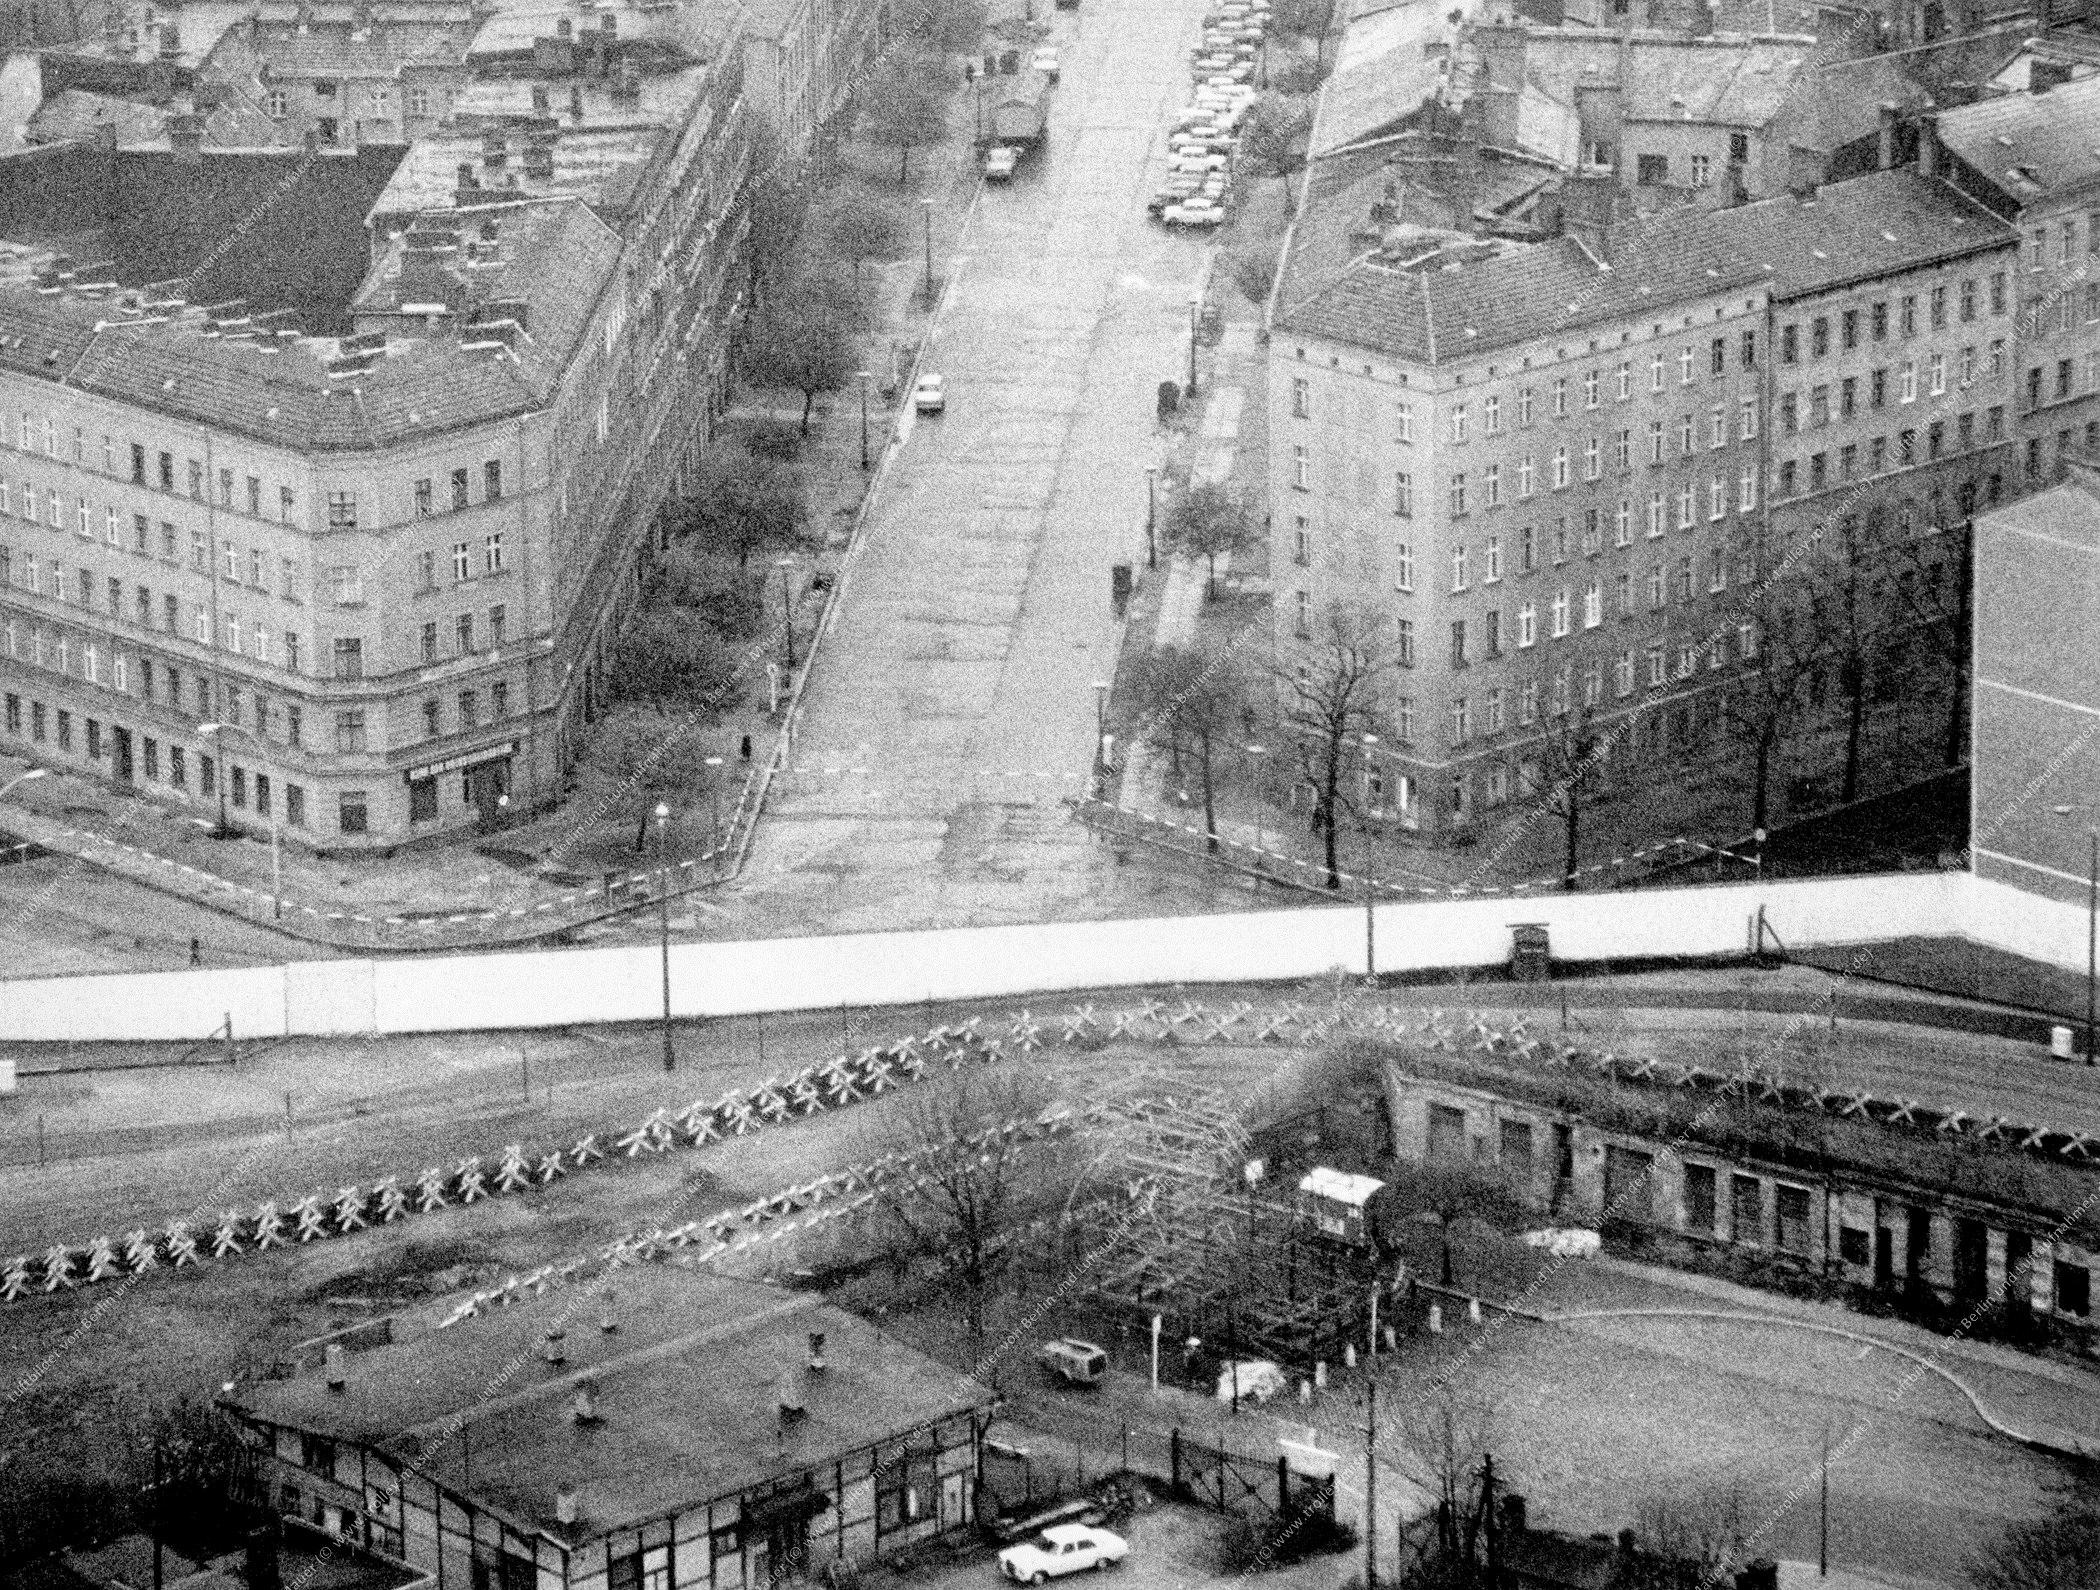 Berlin Luftbild Bernauer Straße, Schwedter Straße und Oderberger Straße vom 28. Dezember 1979 (Bild 042)